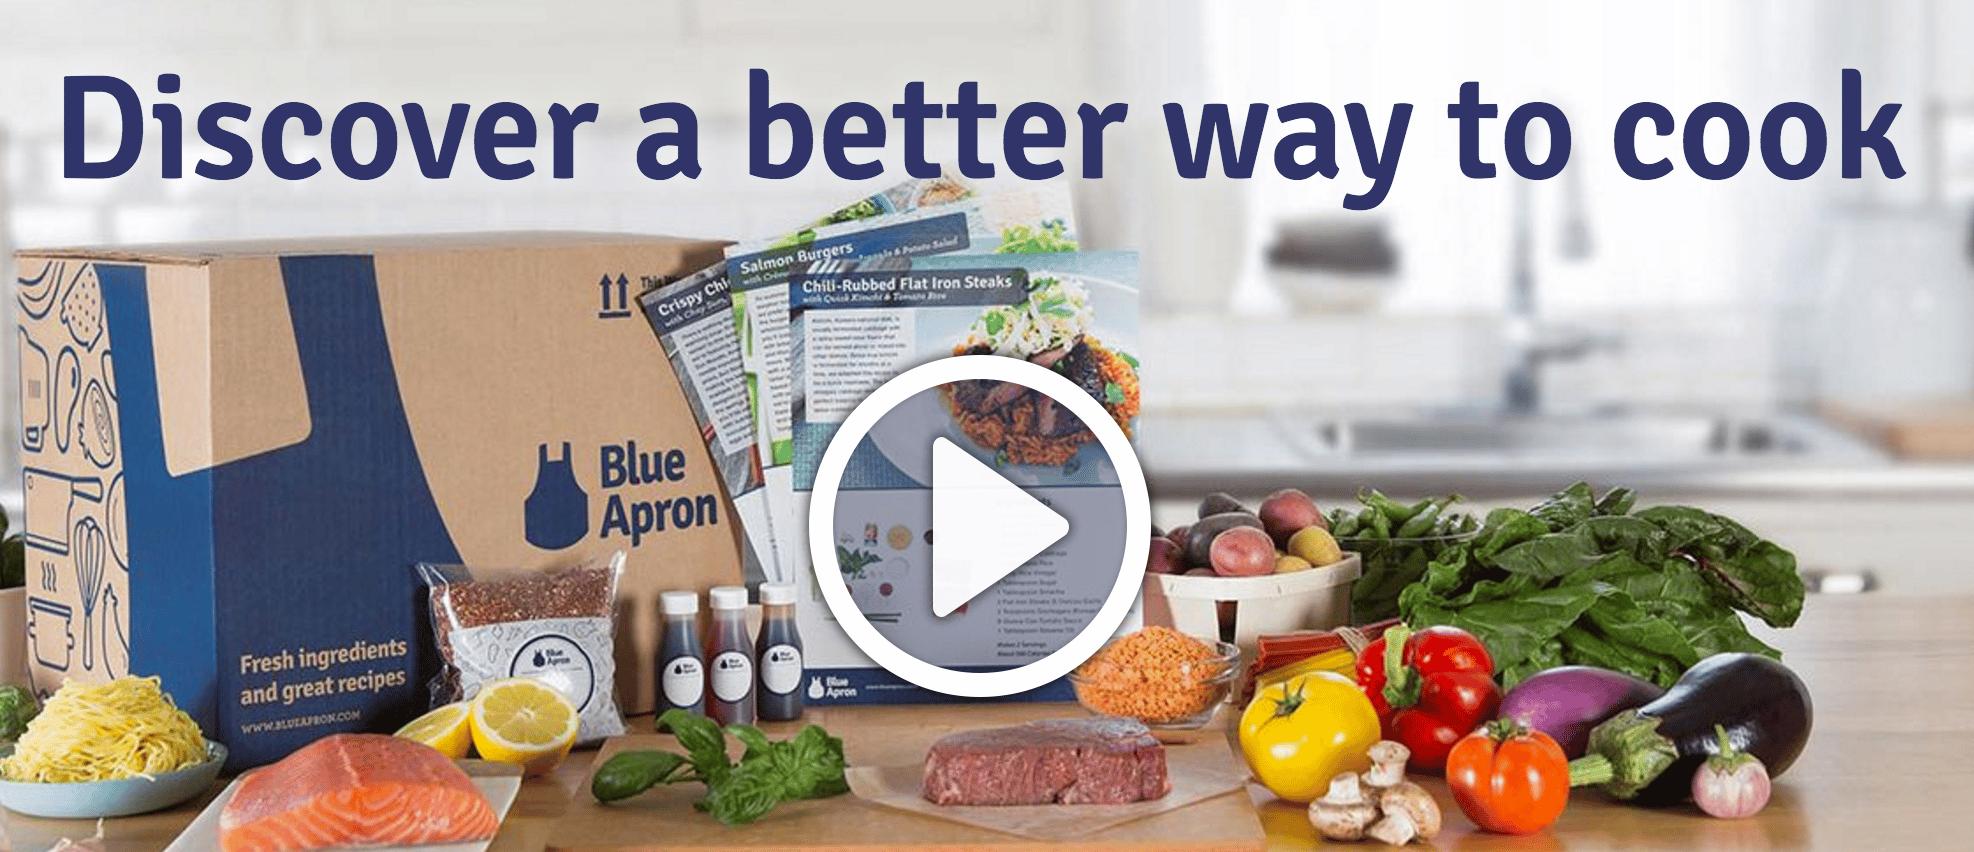 blue apron content marketing